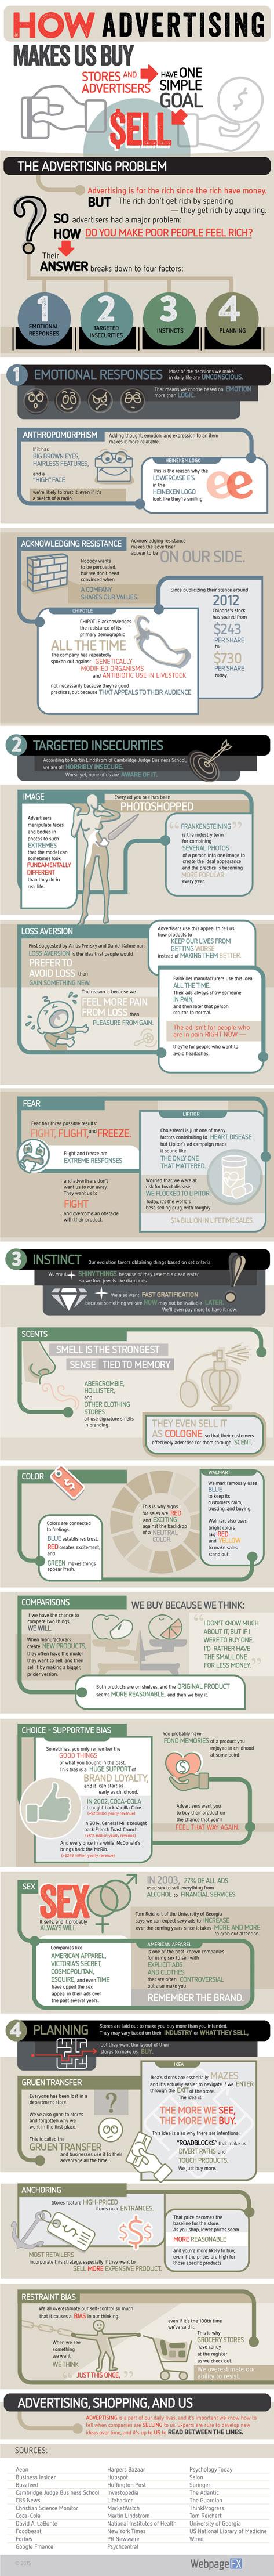 06 september, Infographic